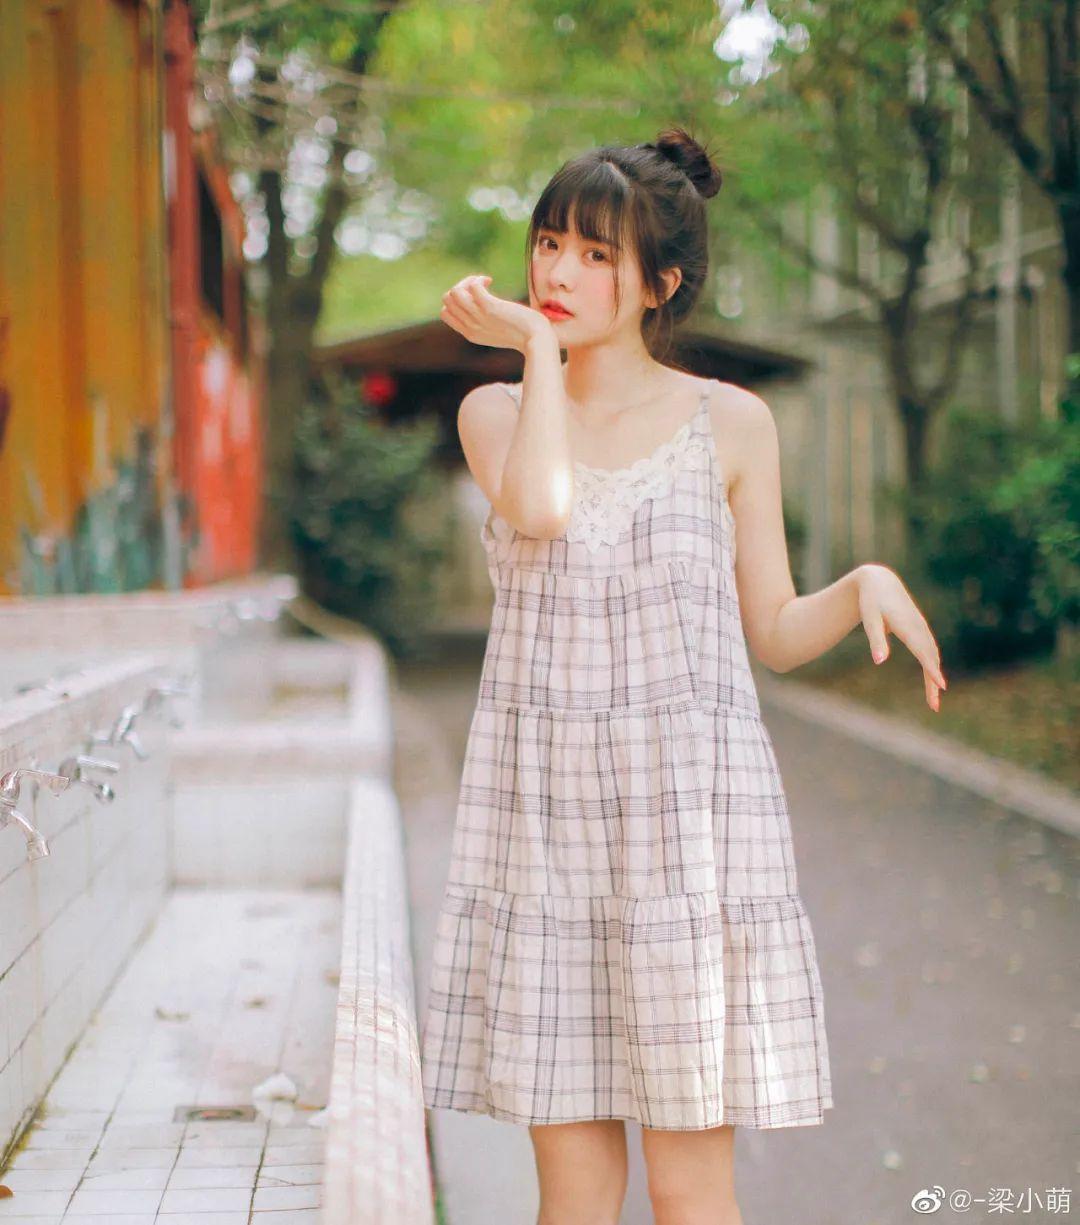 妹子摄影 – 微博美少女@-梁小萌,吃橘子的连衣裙清纯小妹_图片 No.7